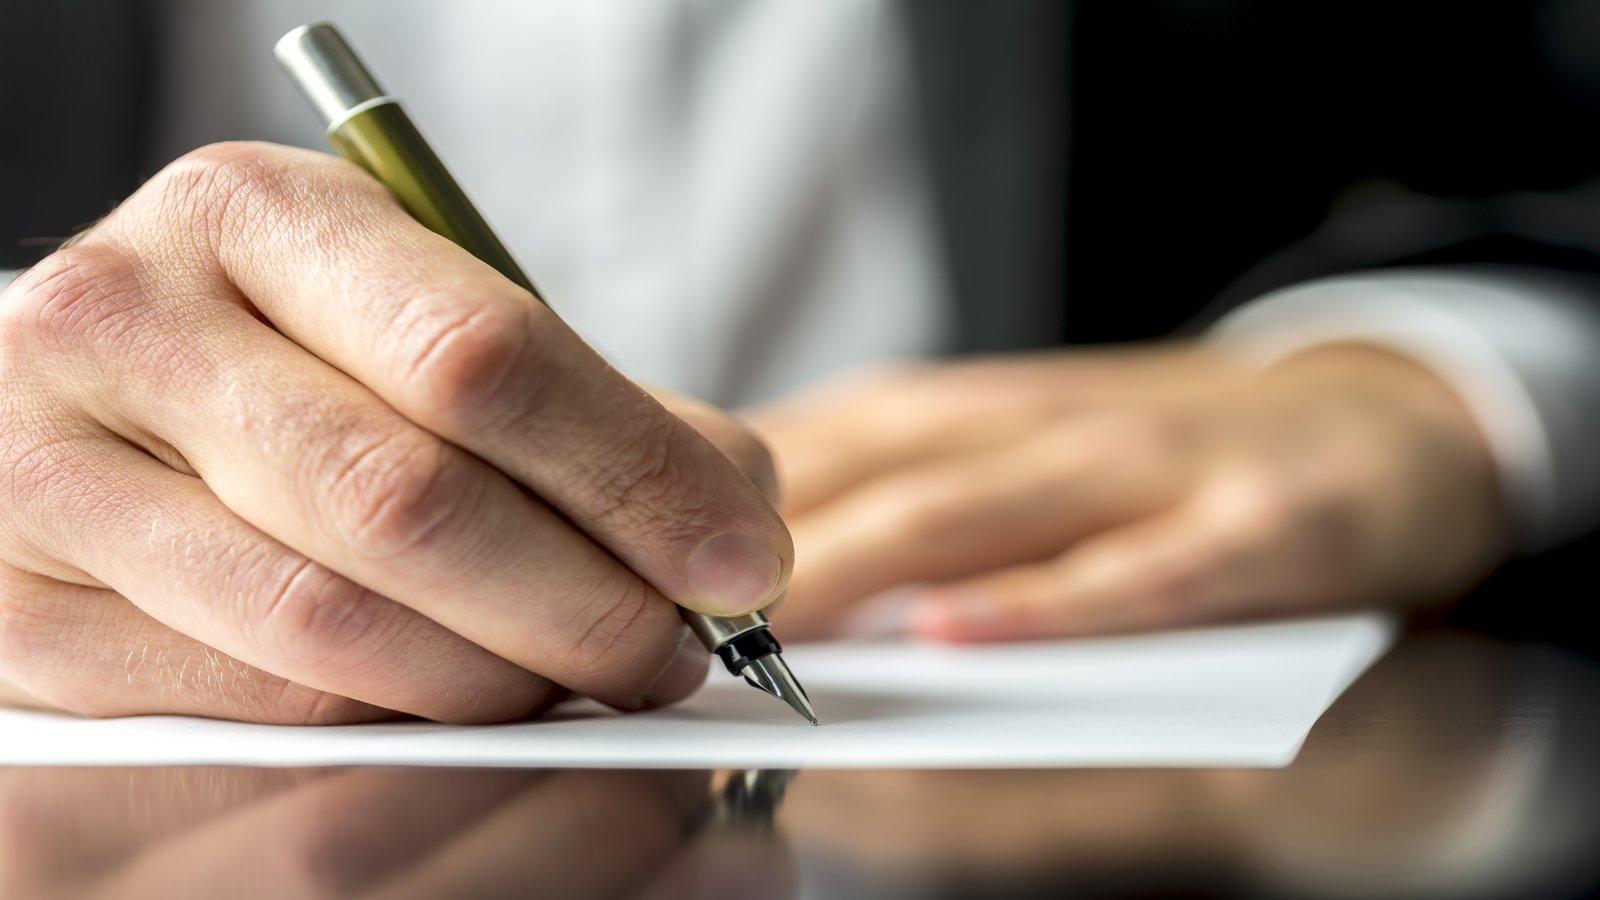 La mano di un uomo scrivendo con una penna